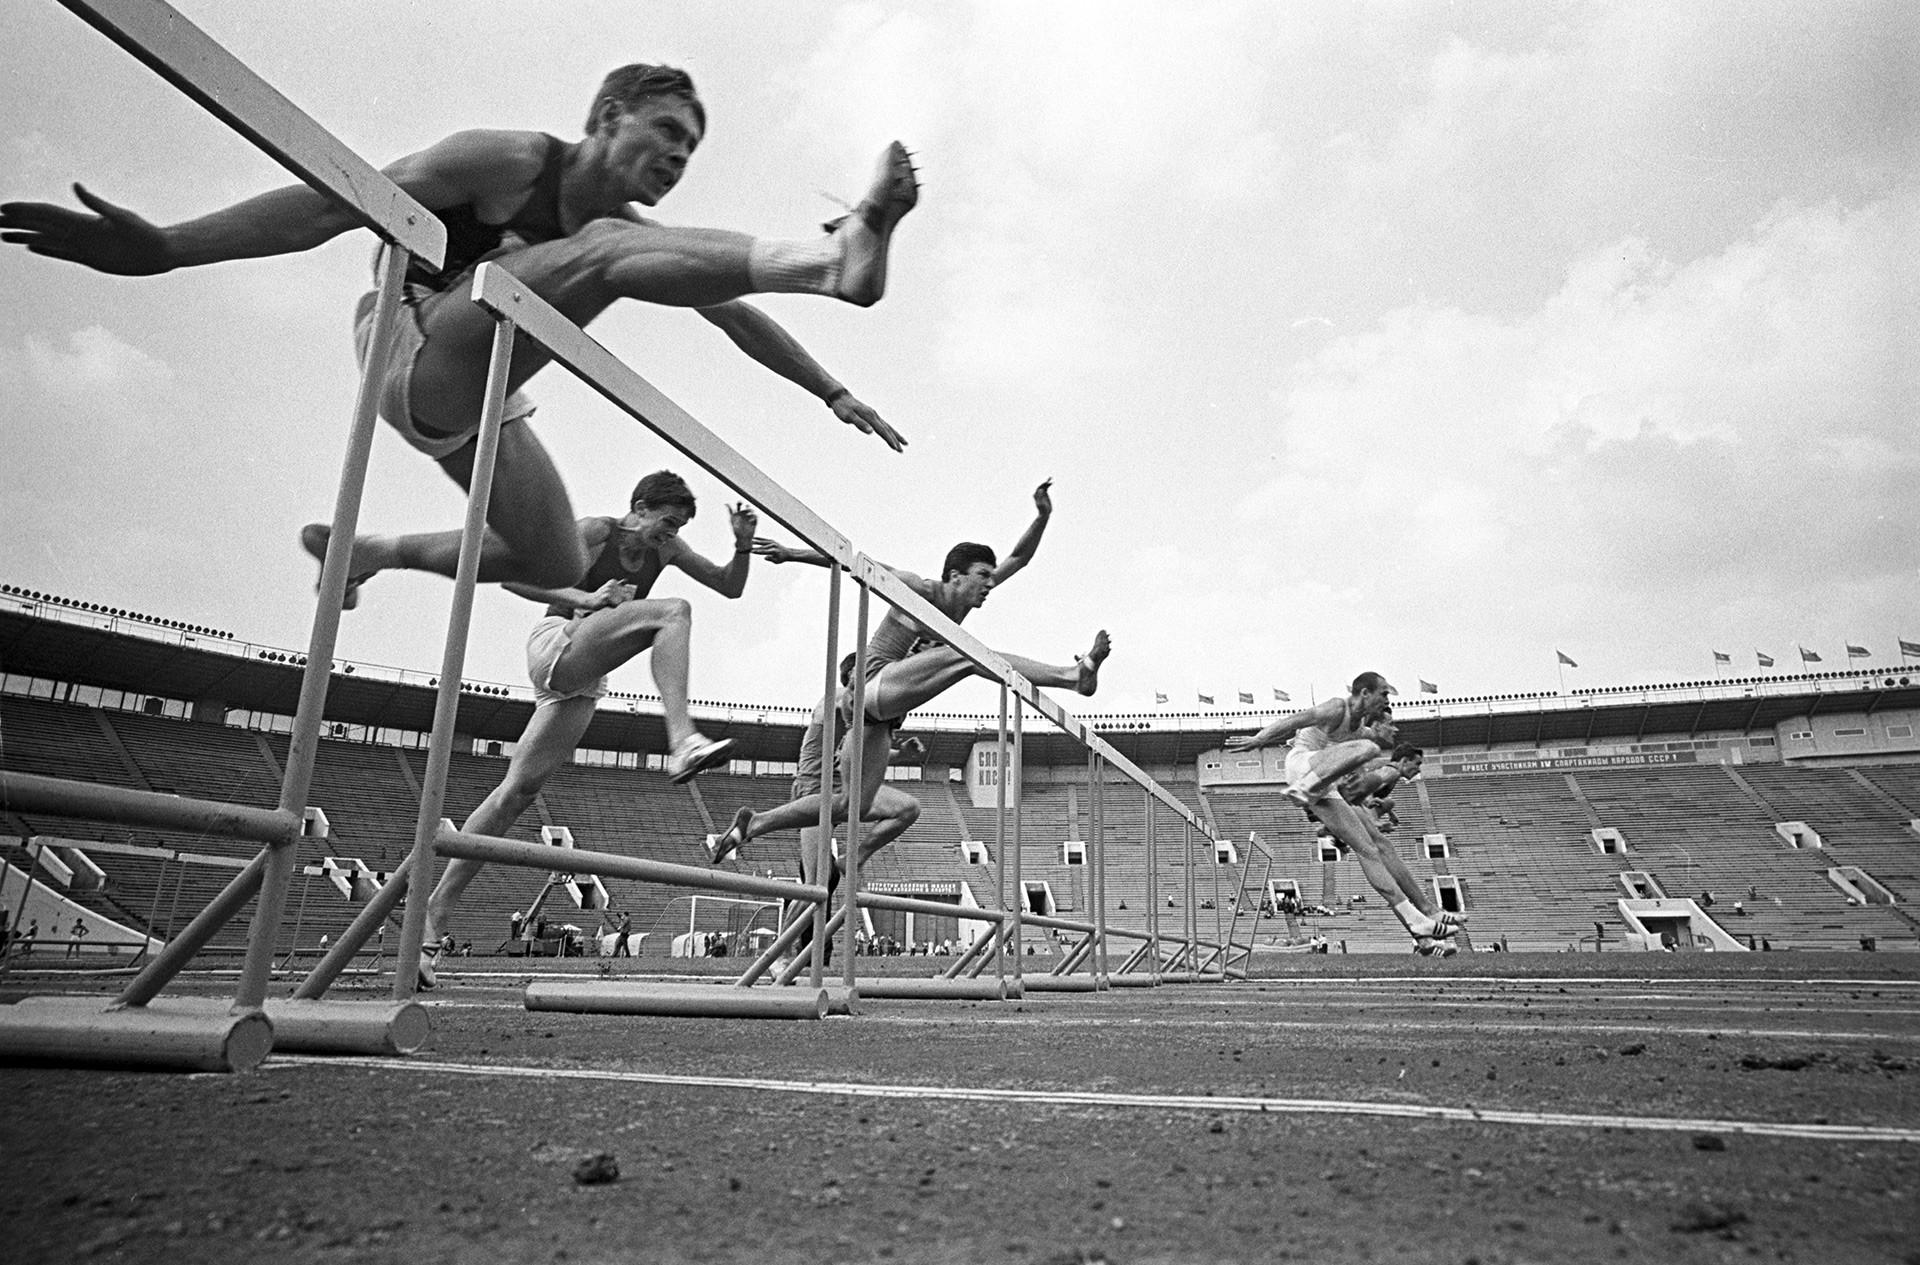 110-m-Hürdenlauf bei der 4. Spartakiade 1967